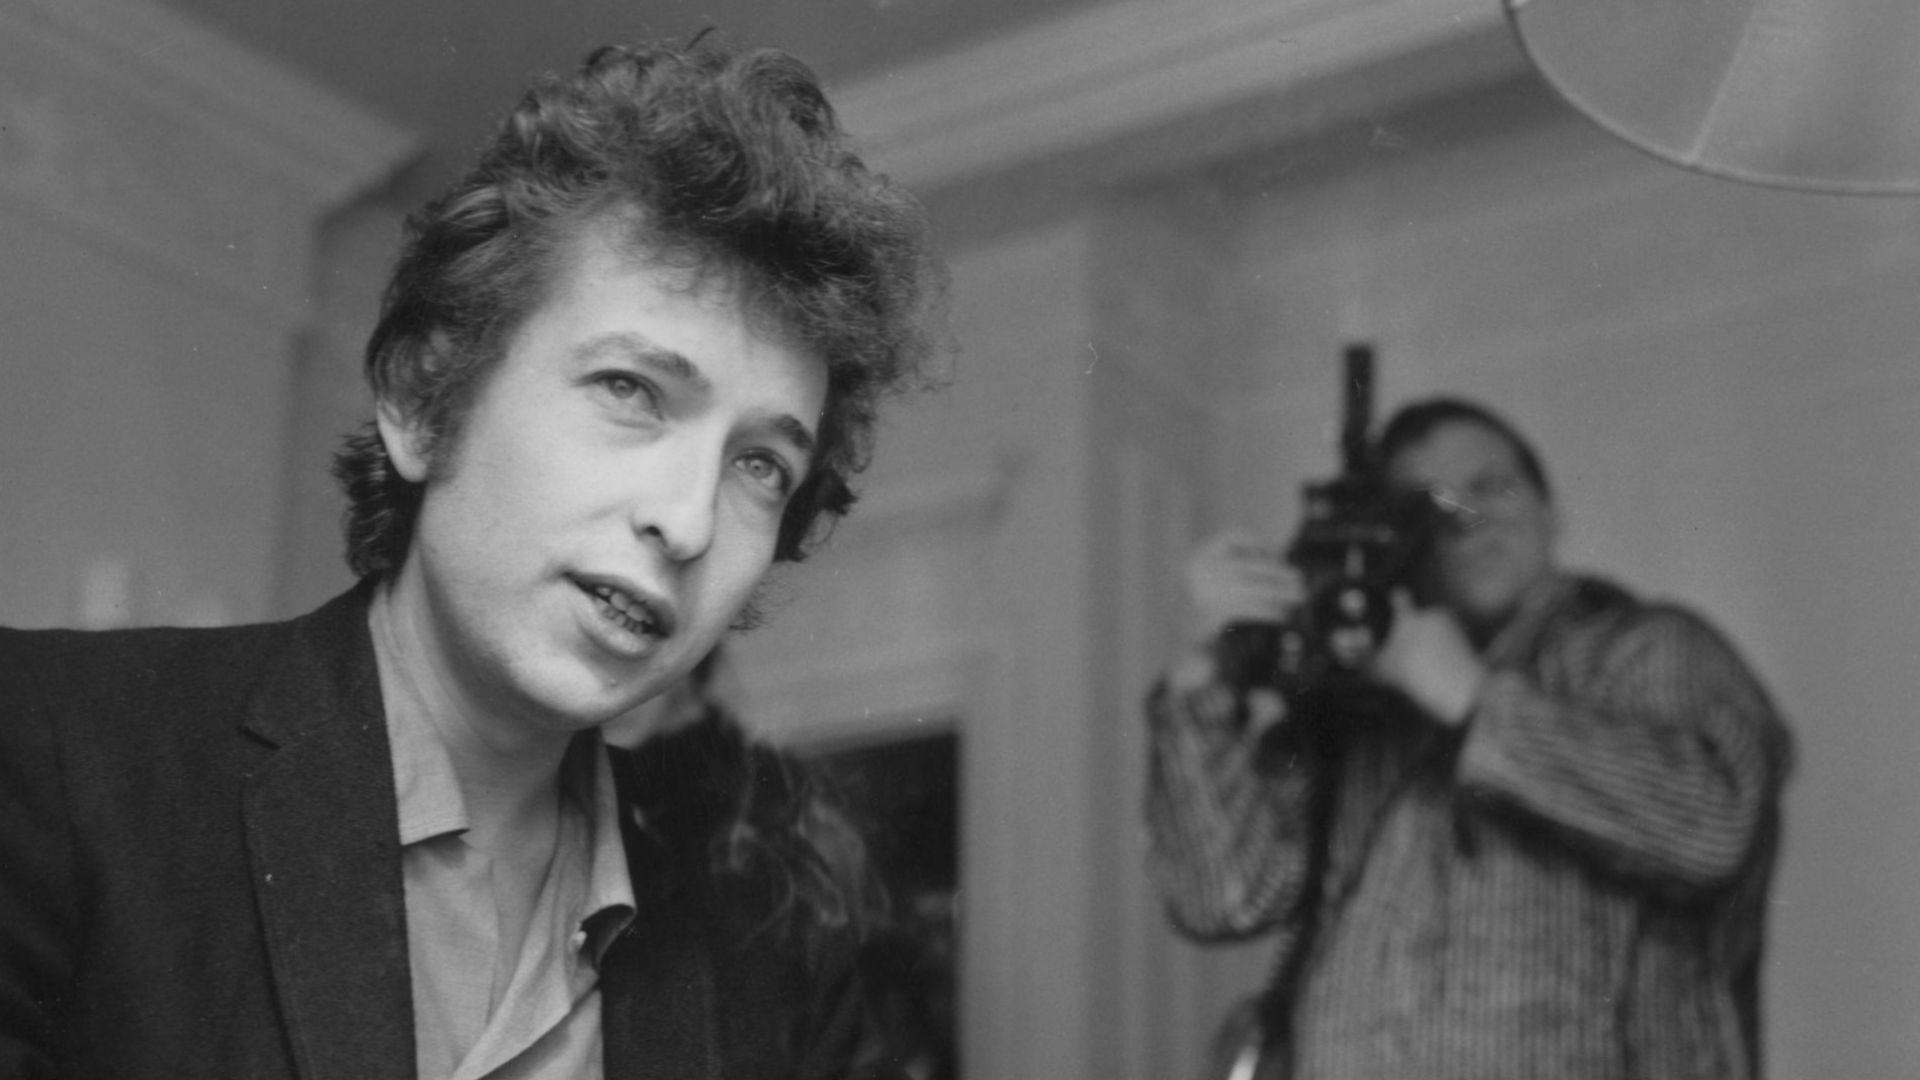 Боб Дилън написал един от хитовете си за Барбра Стрейзанд